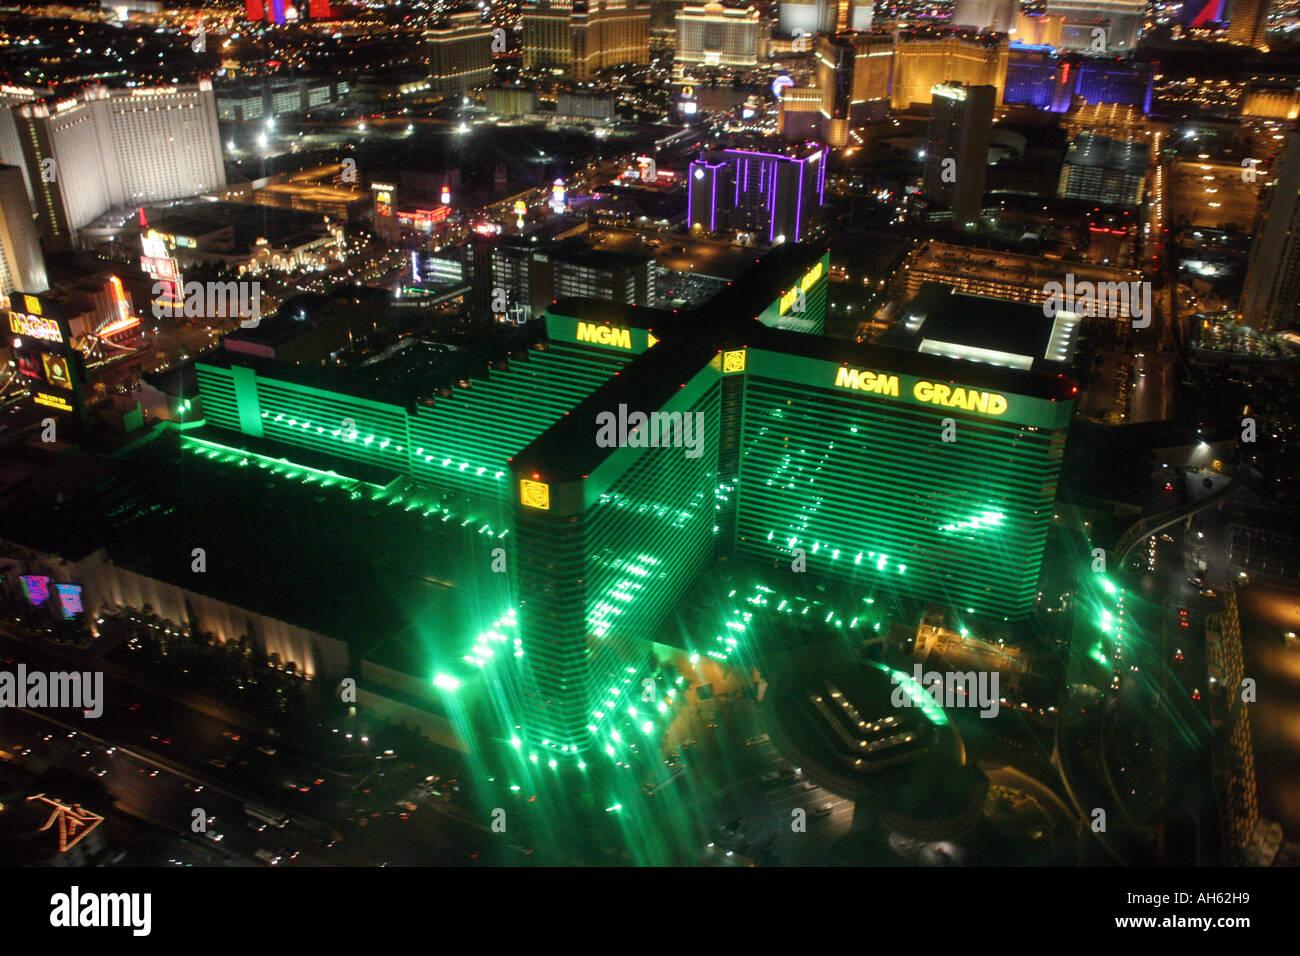 Der Blick Aus Einem Hubschrauber Des Mgm Grand Hotel And Casino Auf Dem Strip Von Las Vegas Stockfotografie Alamy